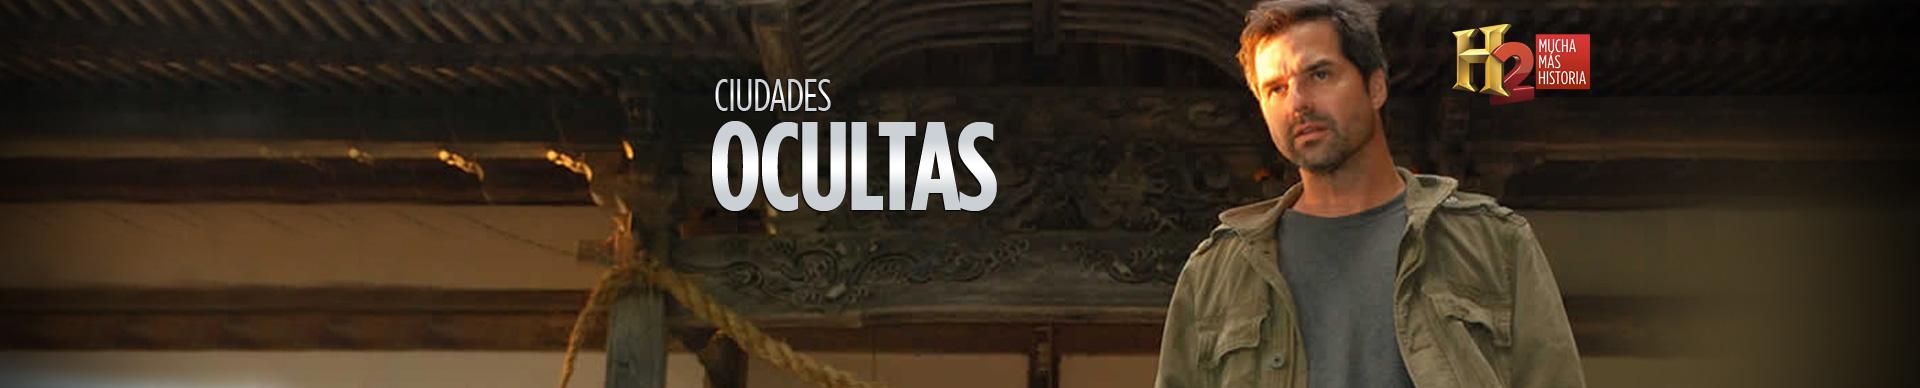 CIUDADES OCULTAS